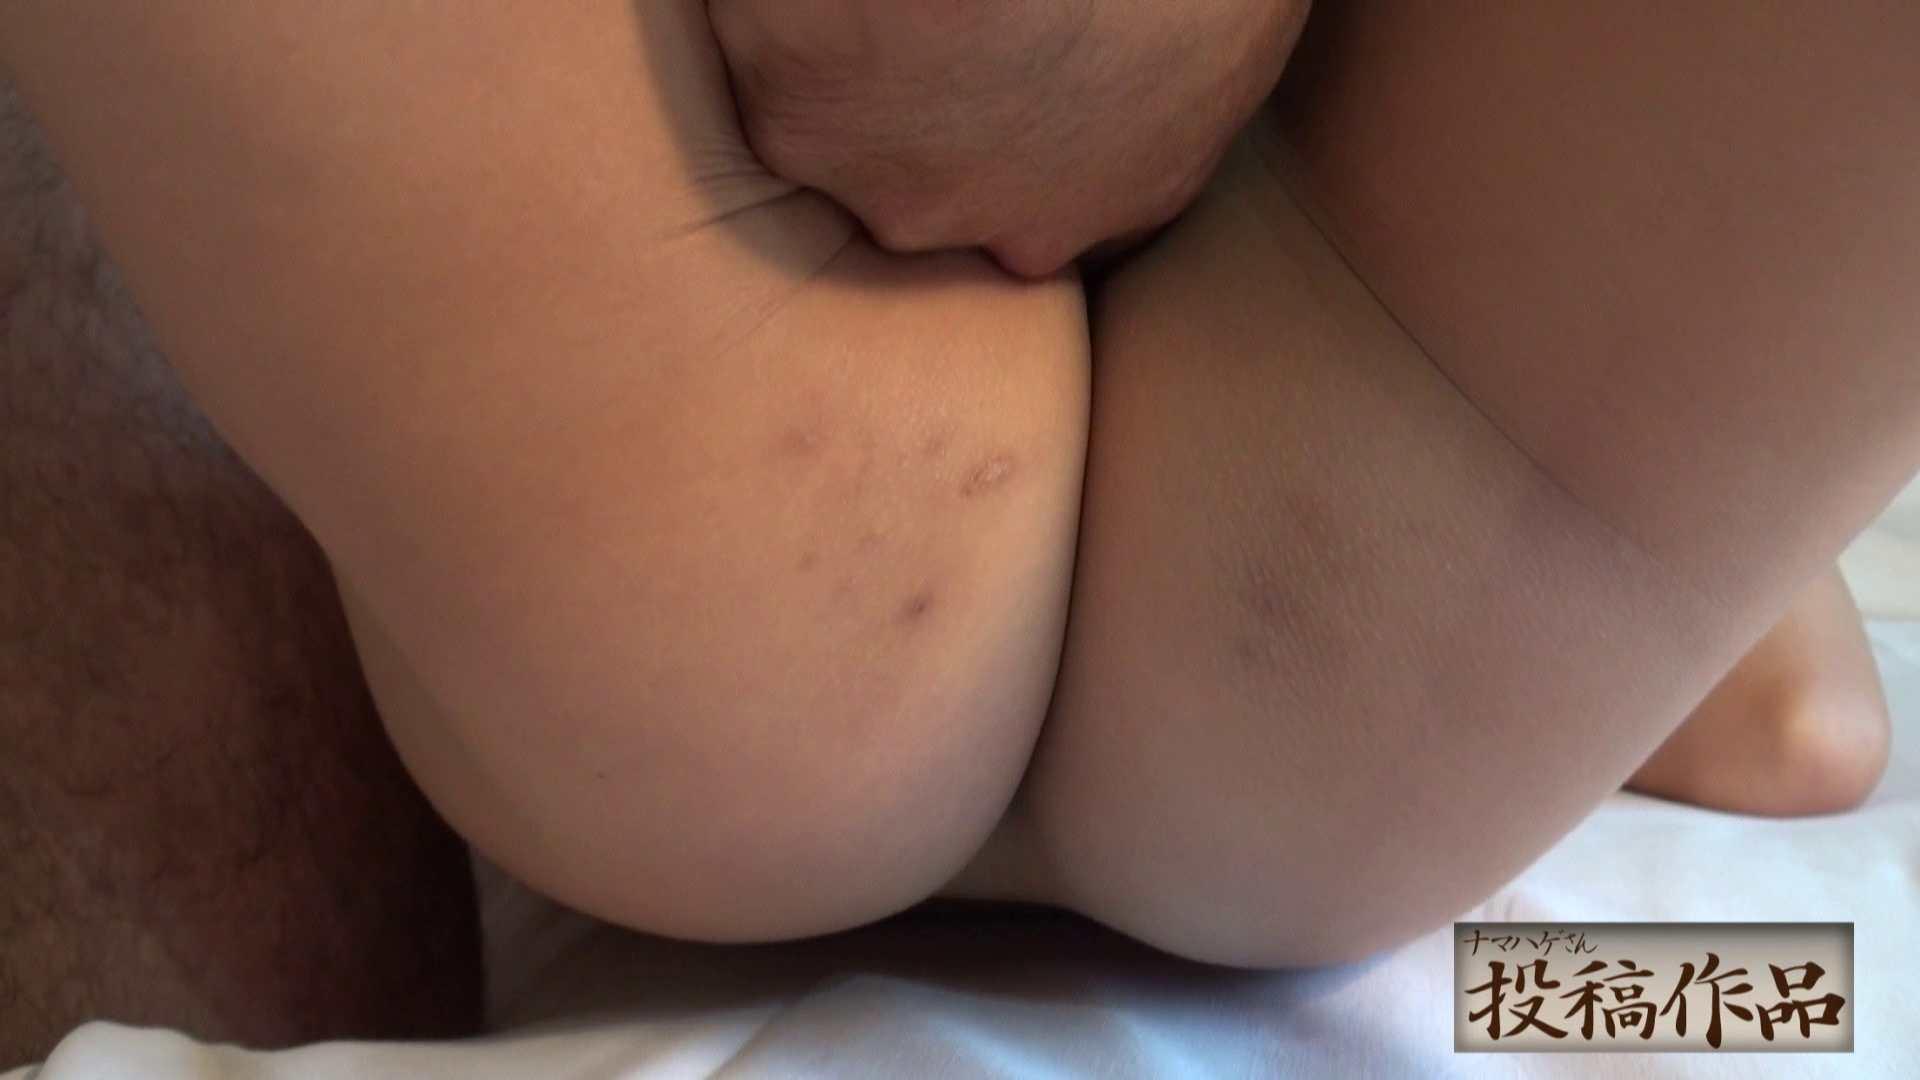 ナマハゲさんのまんこコレクション第二章 ayumi SEX 女性器鑑賞 58pic 50